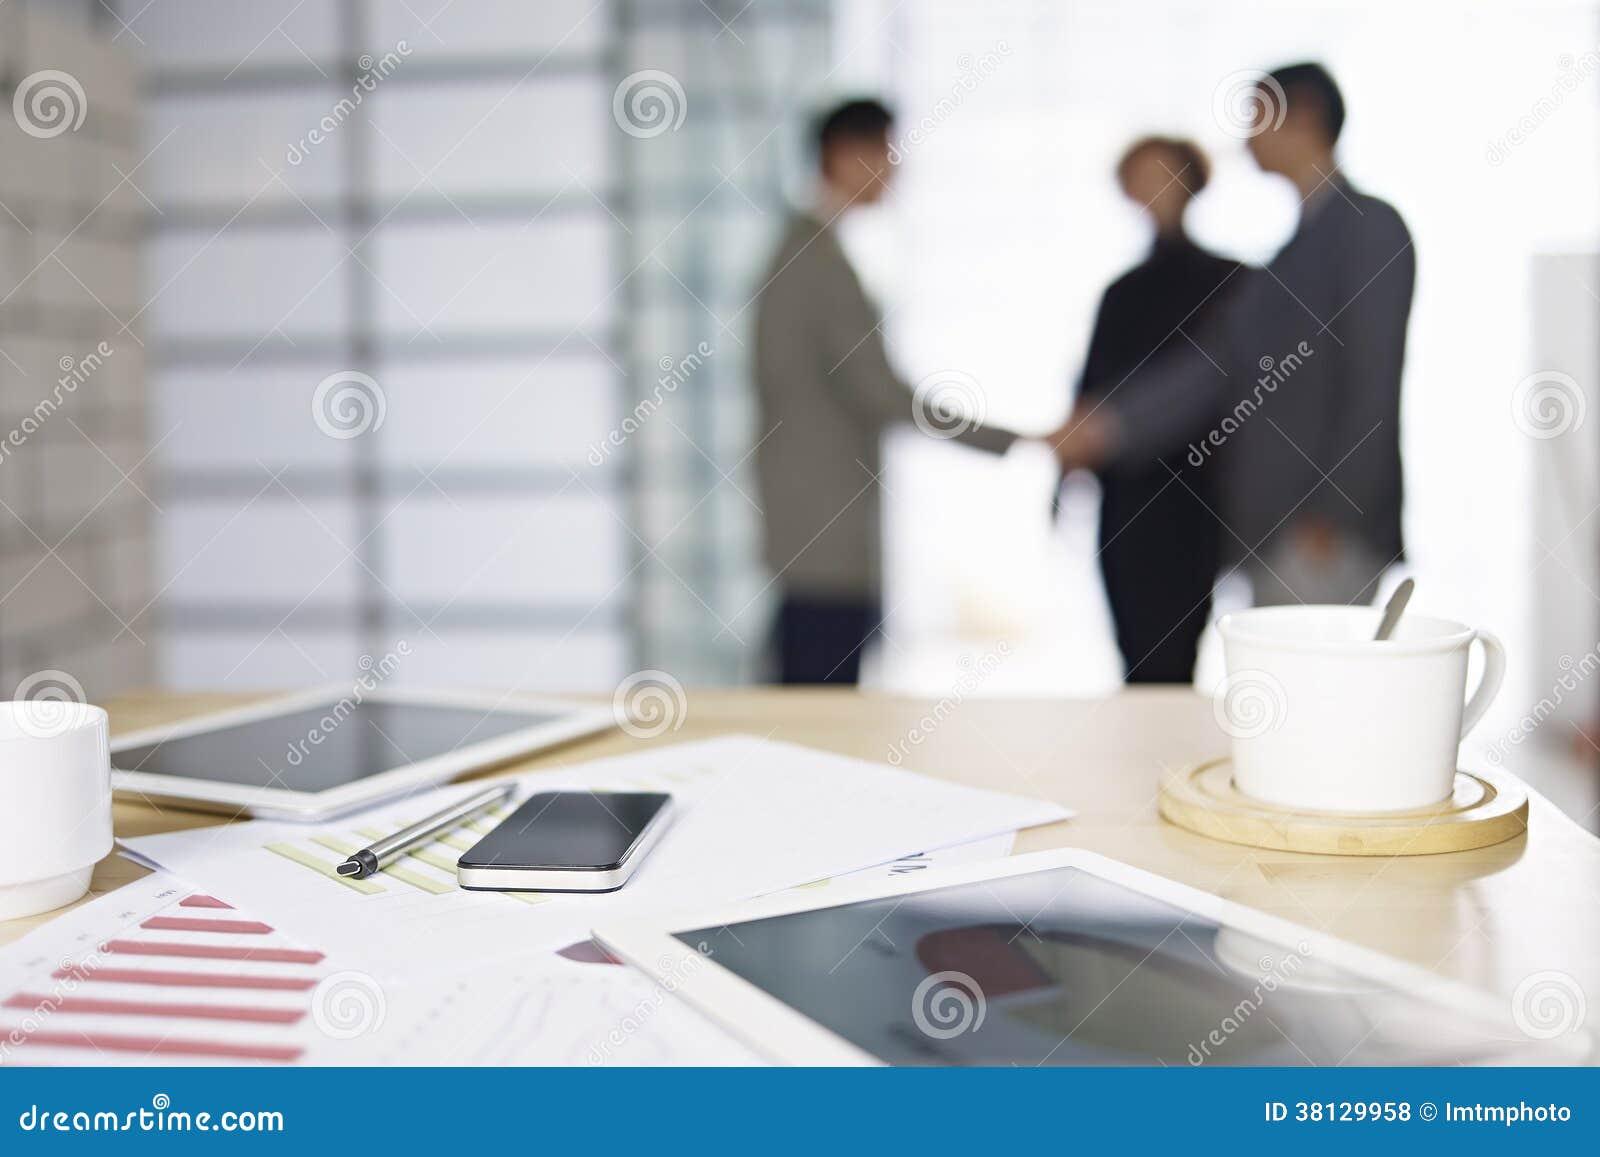 Hombres de negocios que se encuentran en oficina